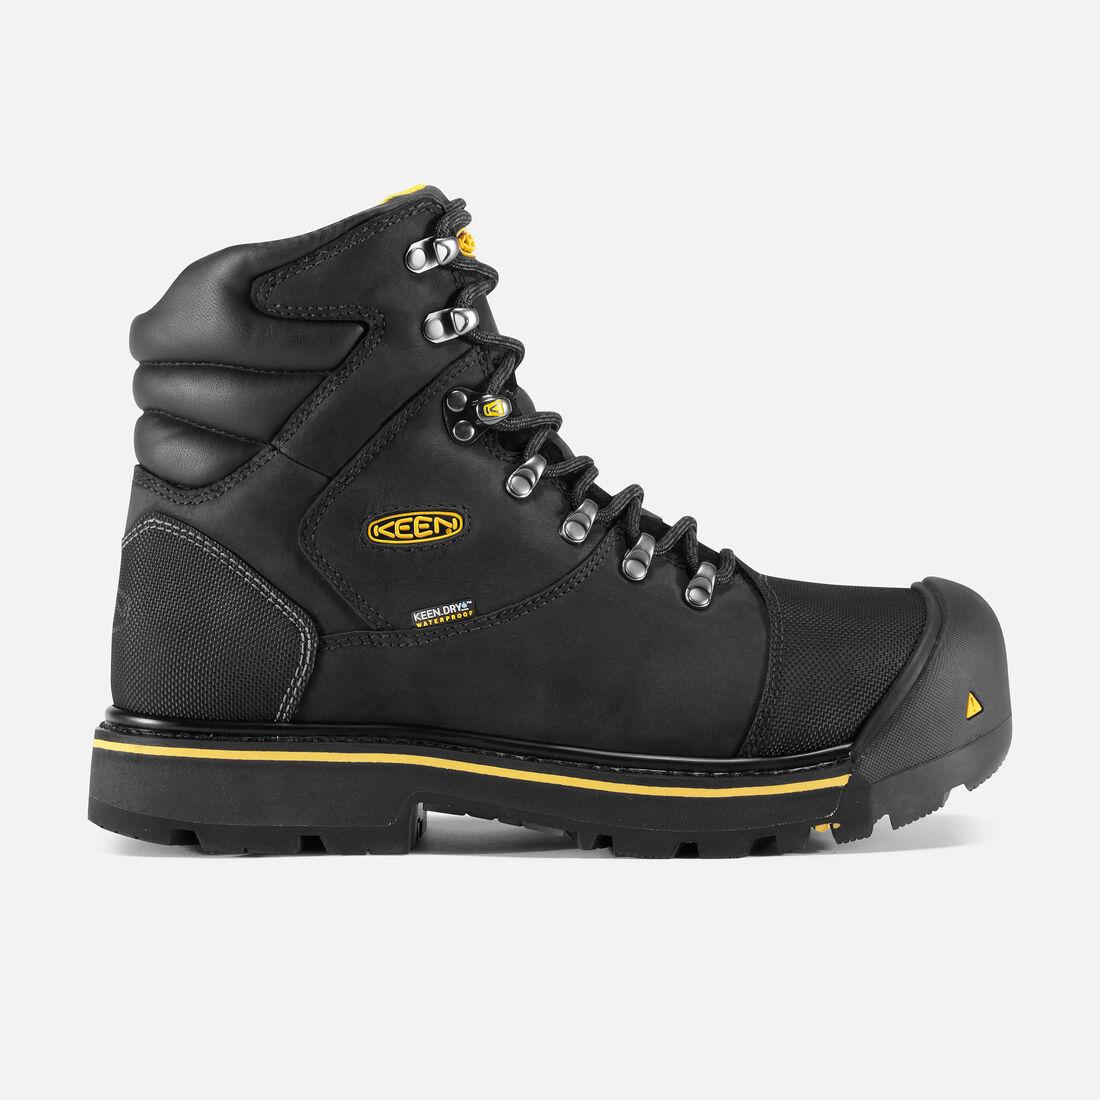 Men's Milwaukee Waterproof (Steel Toe) in Black - large view.